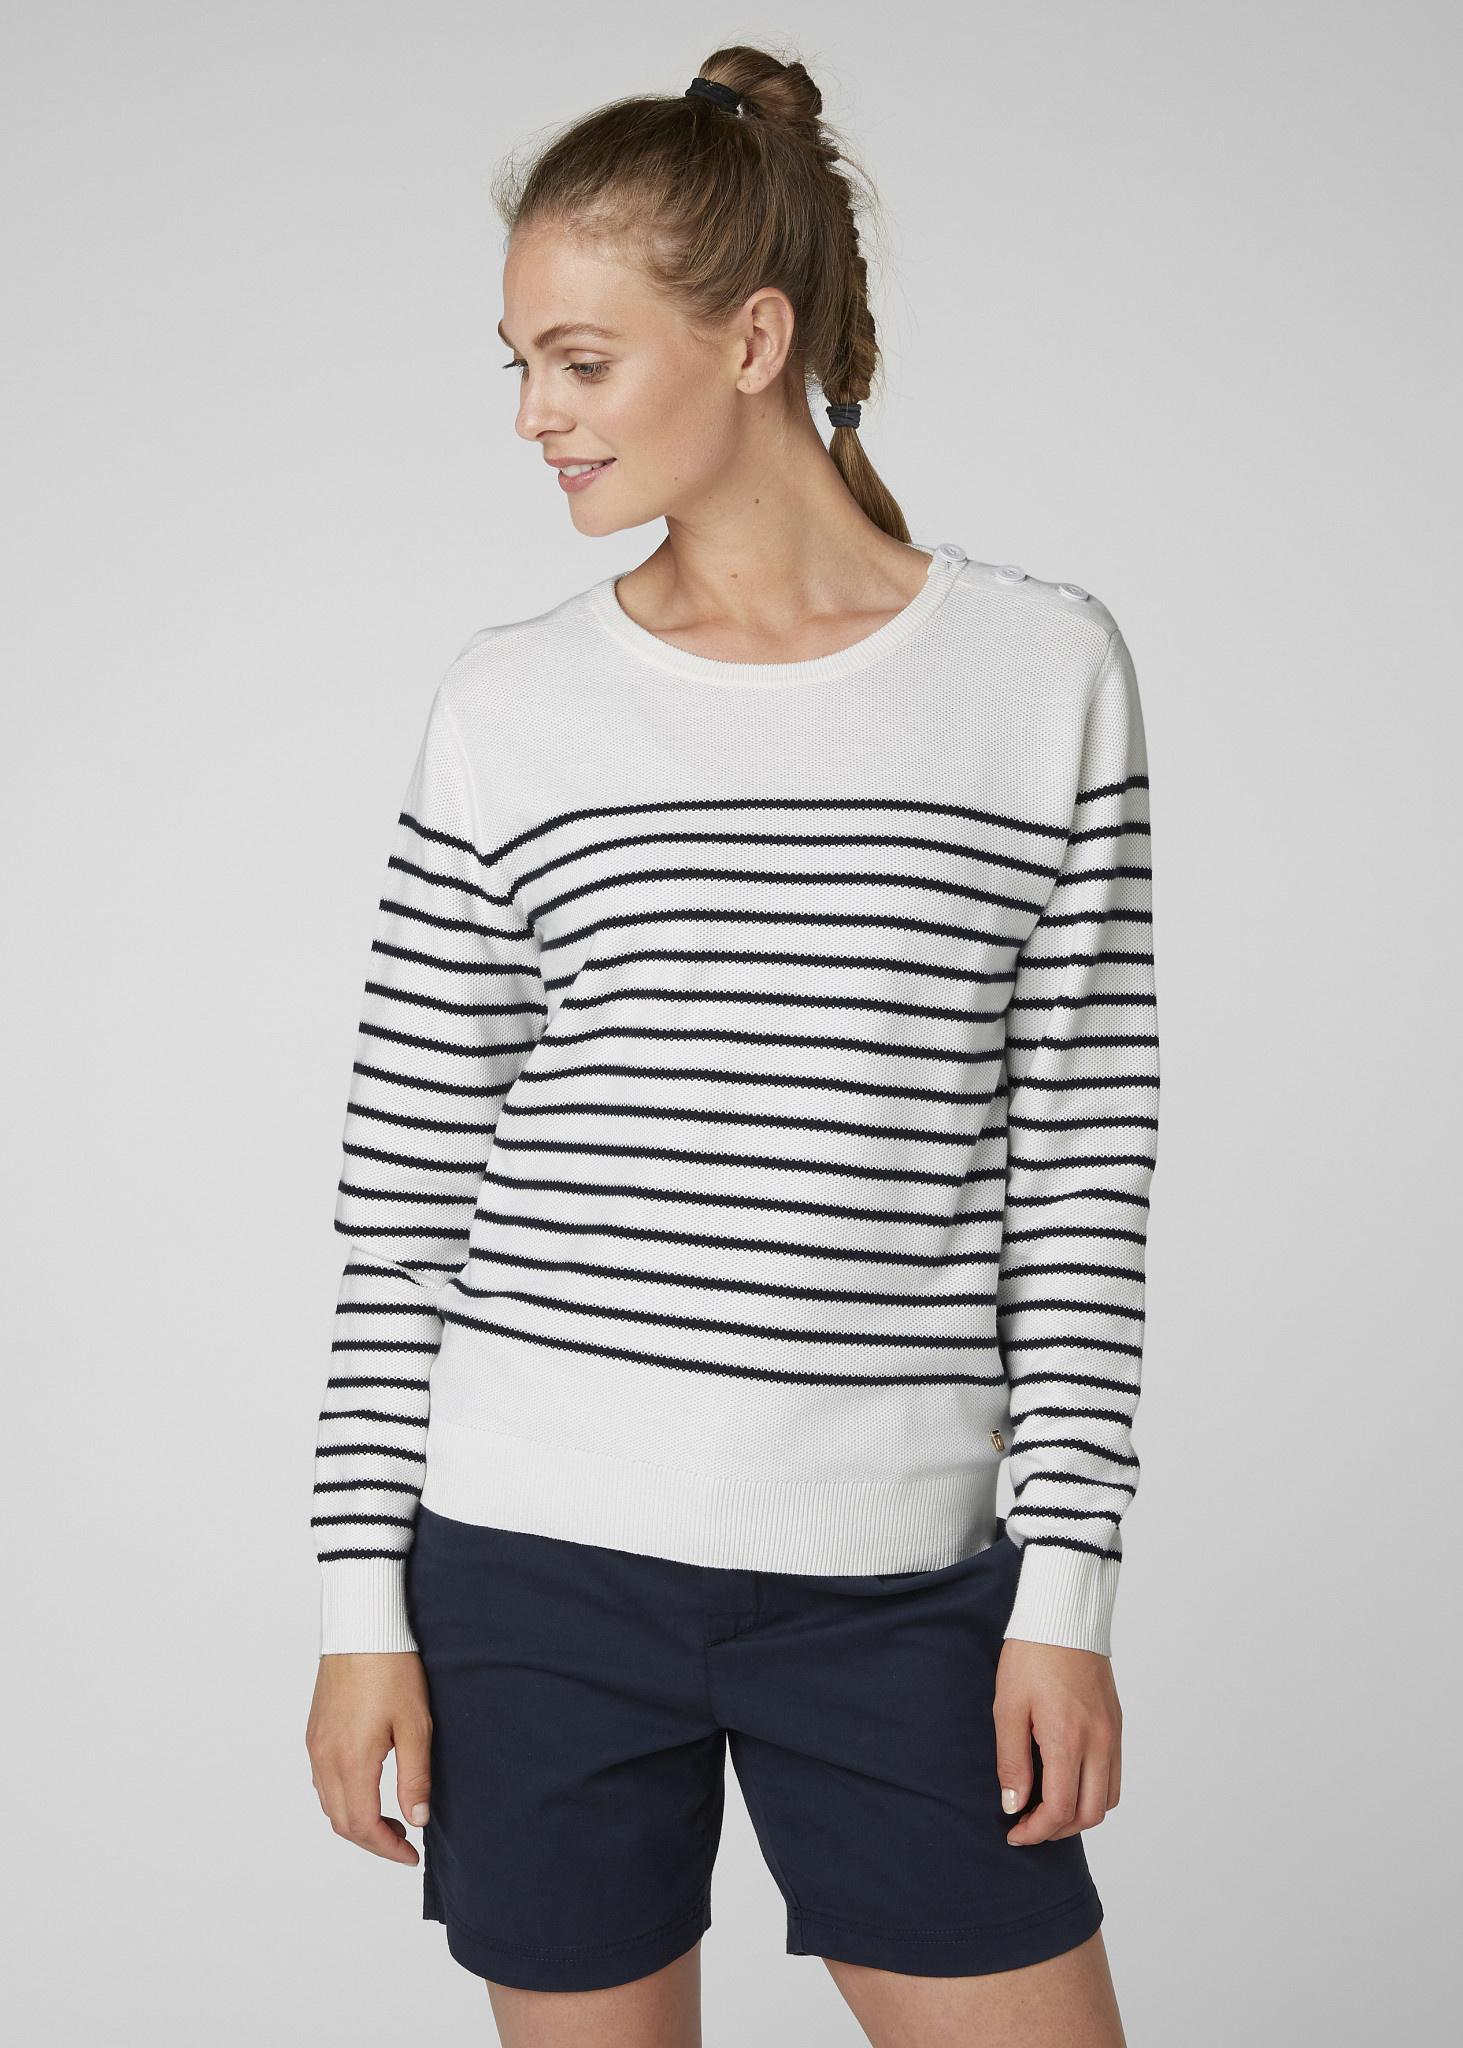 Skagen Sweater - Offwhite